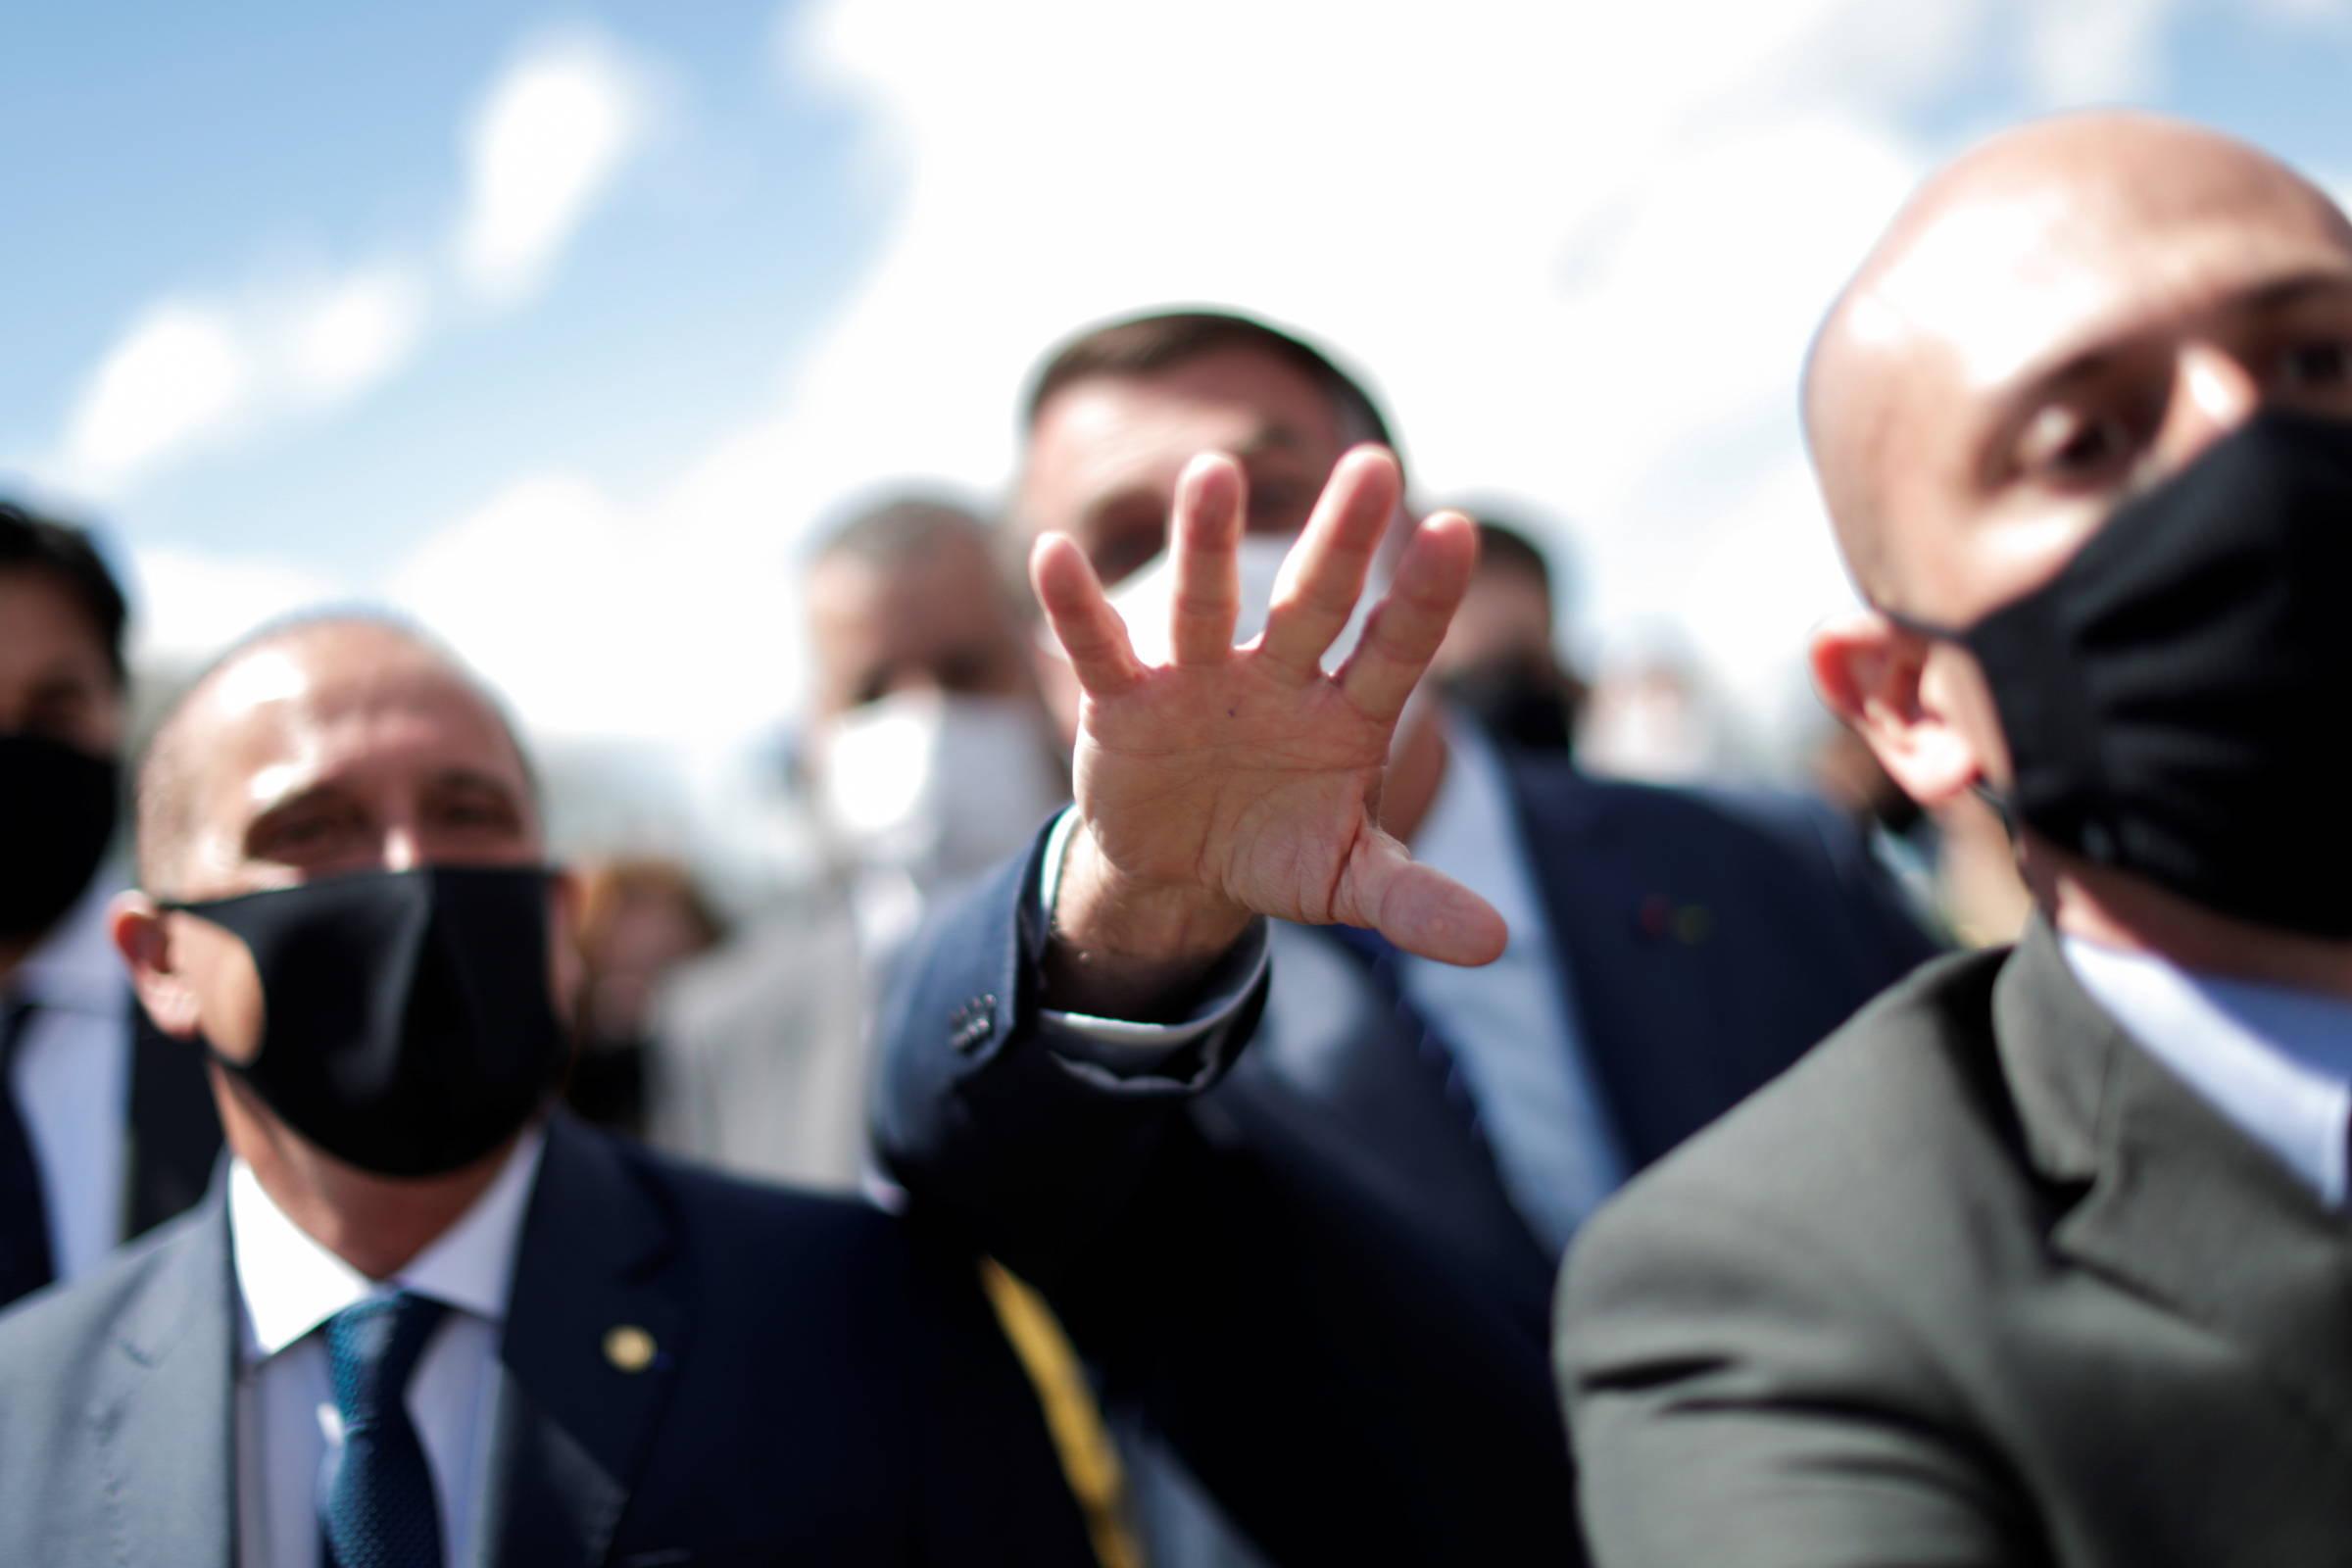 Janio de Freitas: Está comprovada a ação de (outra) quadrilha no governo e no círculo de Bolsonaro